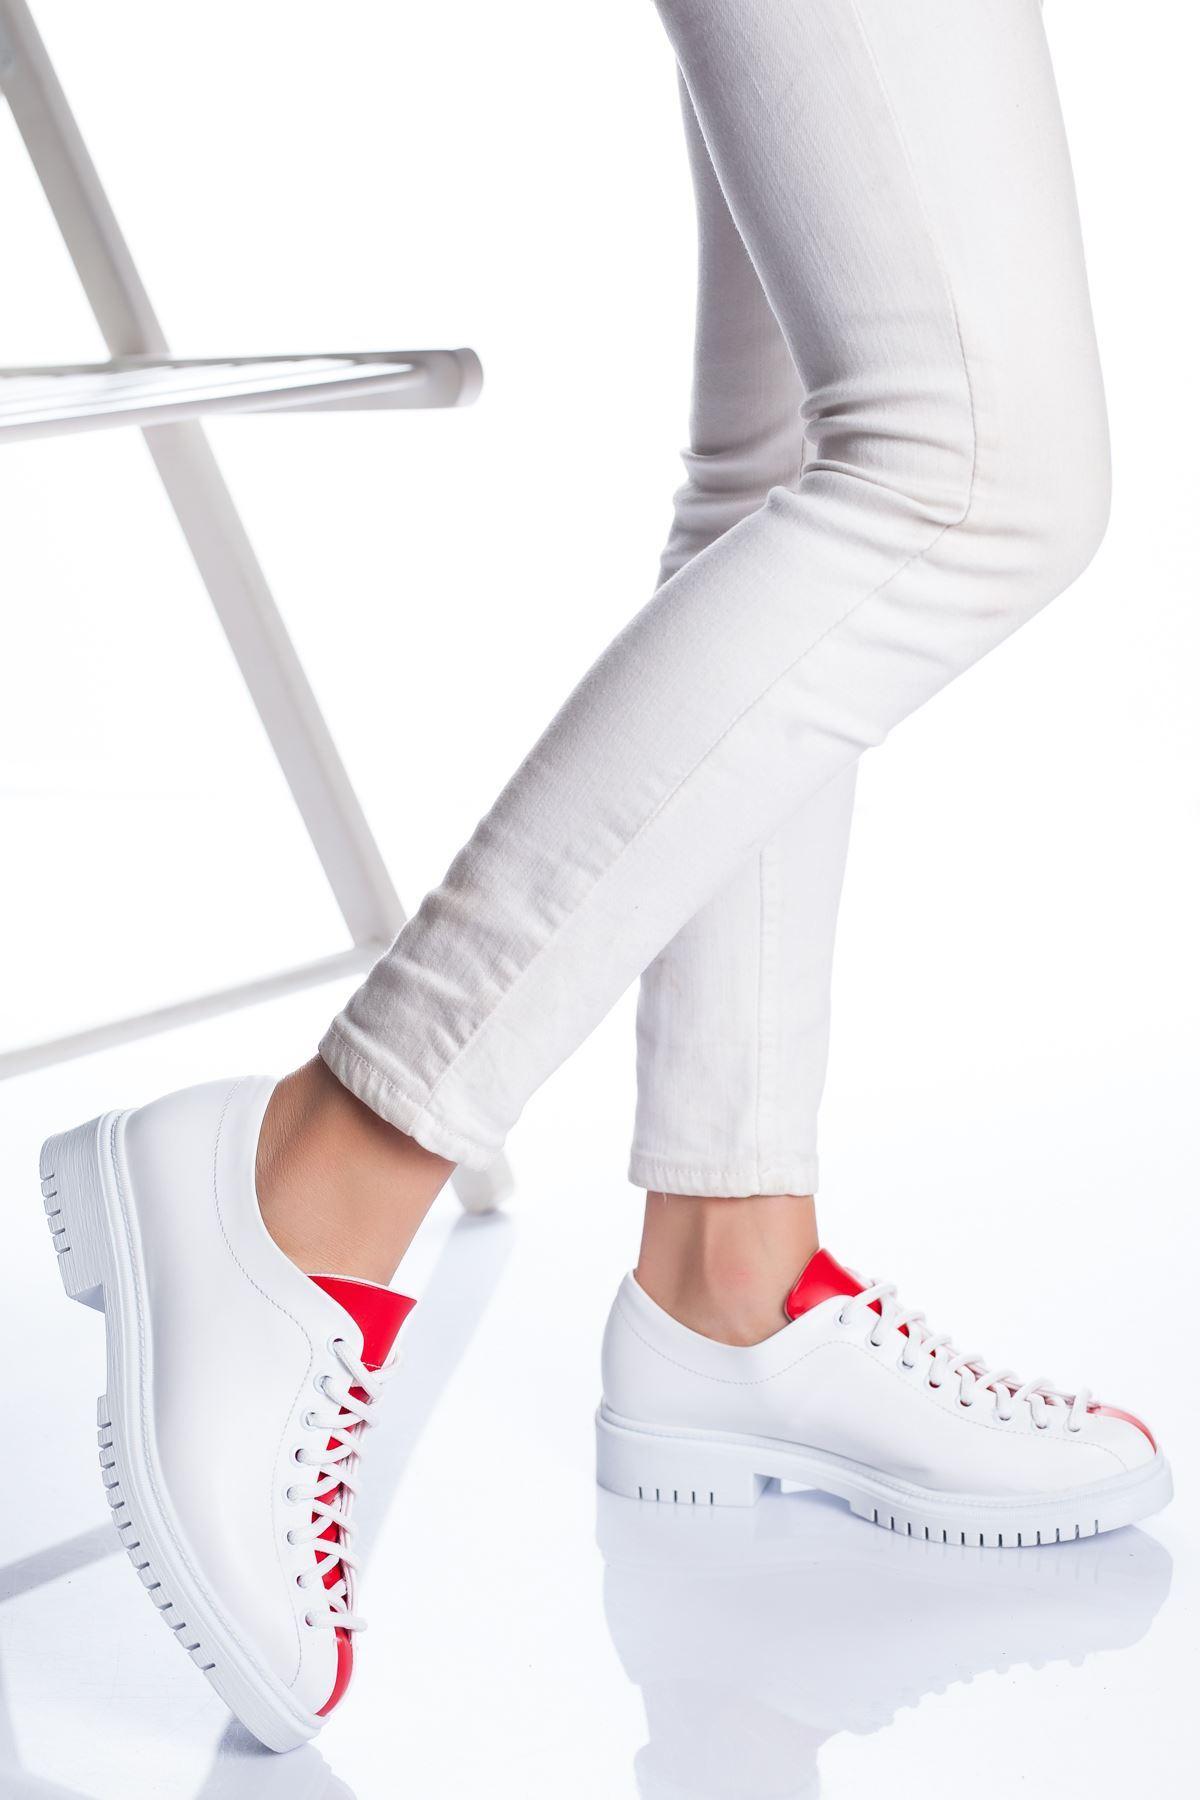 Tamara Ayakkabı BEYAZ-KIRMIZI